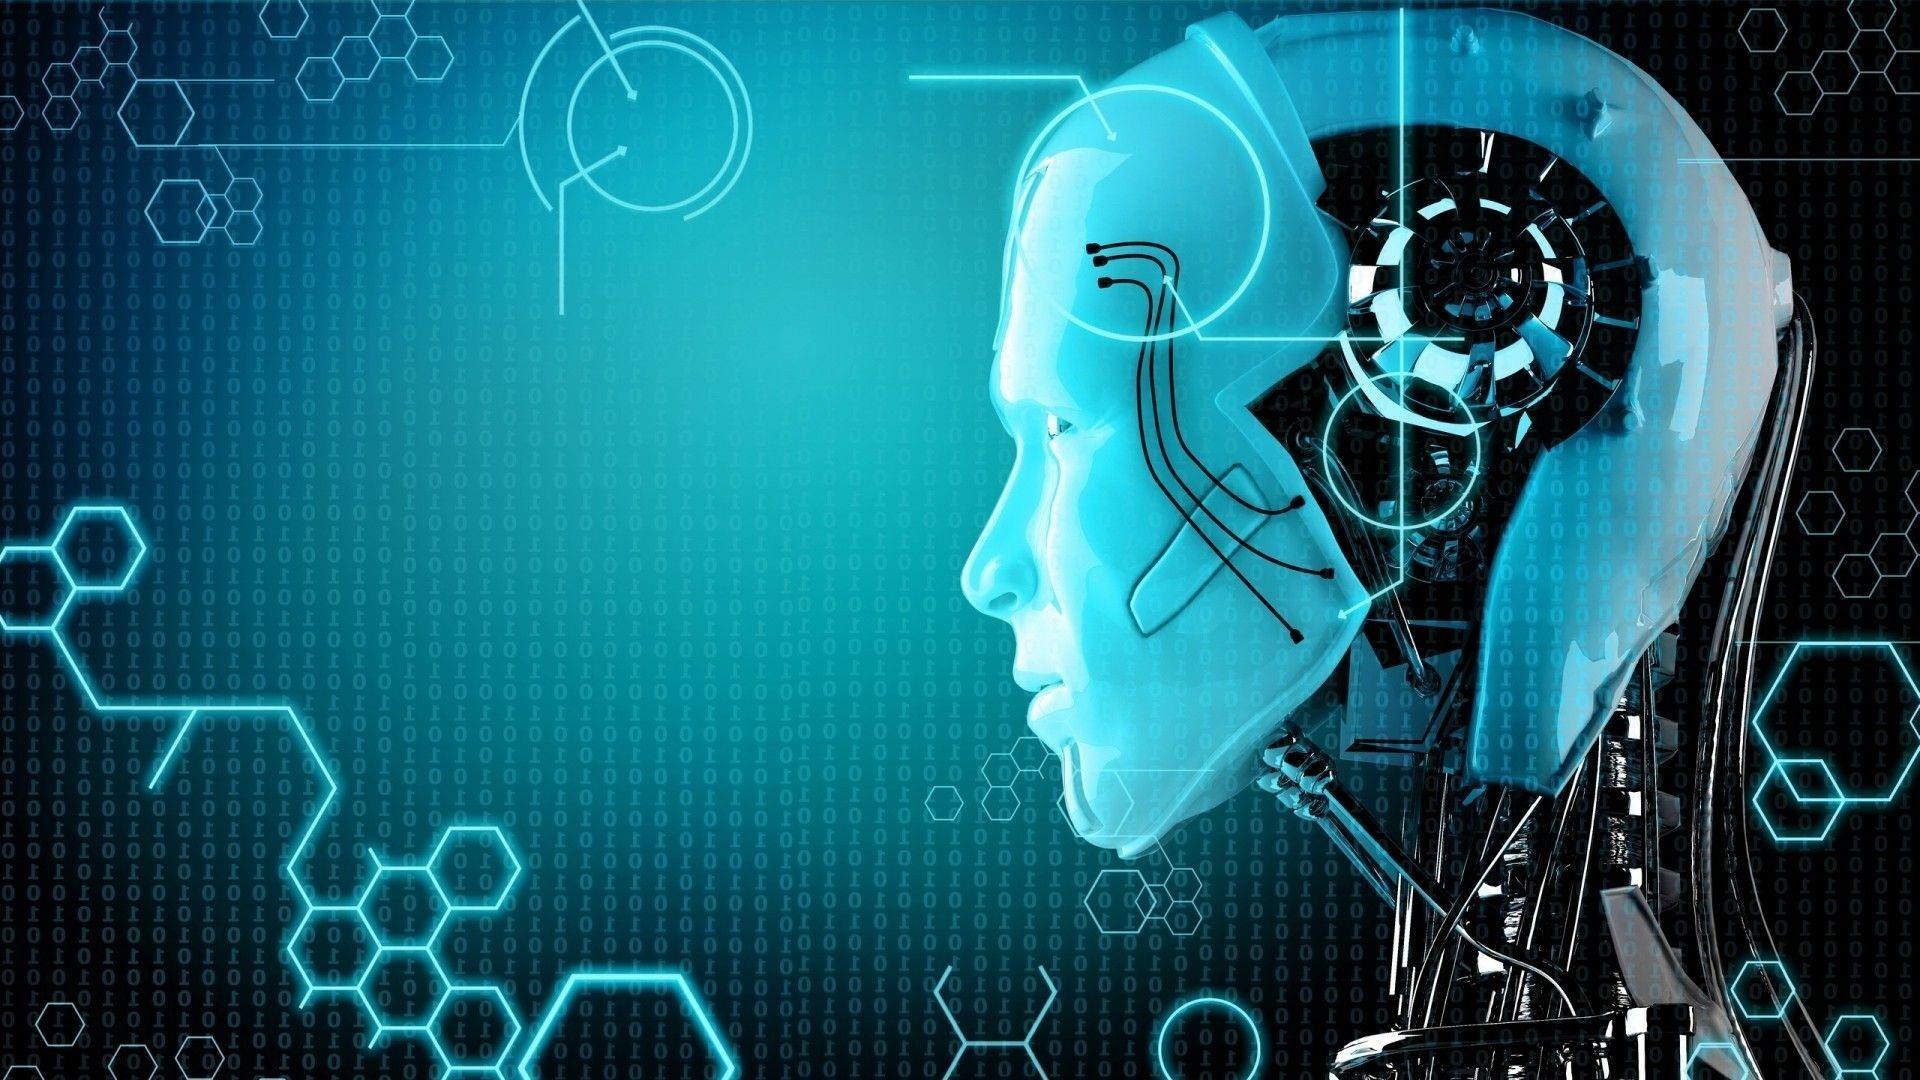 Immagine rappresentante un robot, simbolicamente legata all'idea di Open Source Intelligence, uno dei modi per acquisire dati utili per l'intelligence, attraverso il monitoraggio e l'analisi di contenuti reperibili da fonti pubbliche, non riservate. Servizio offerto dall'azienda Verità Legale.